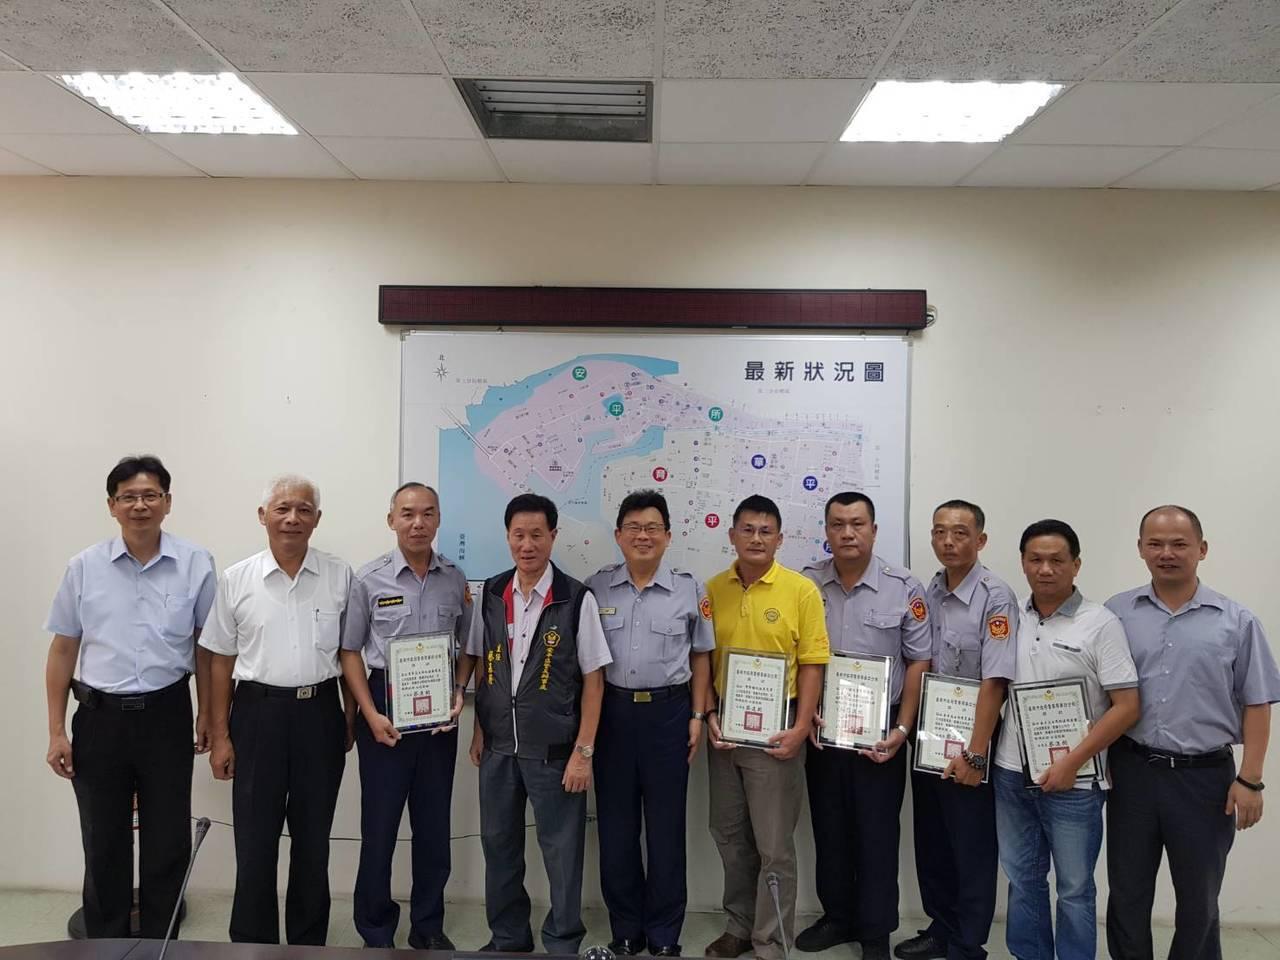 台南市警四分局與警友會舉辦「模範父親表揚活動」,5名員警獲選。圖/四分局人事室提...